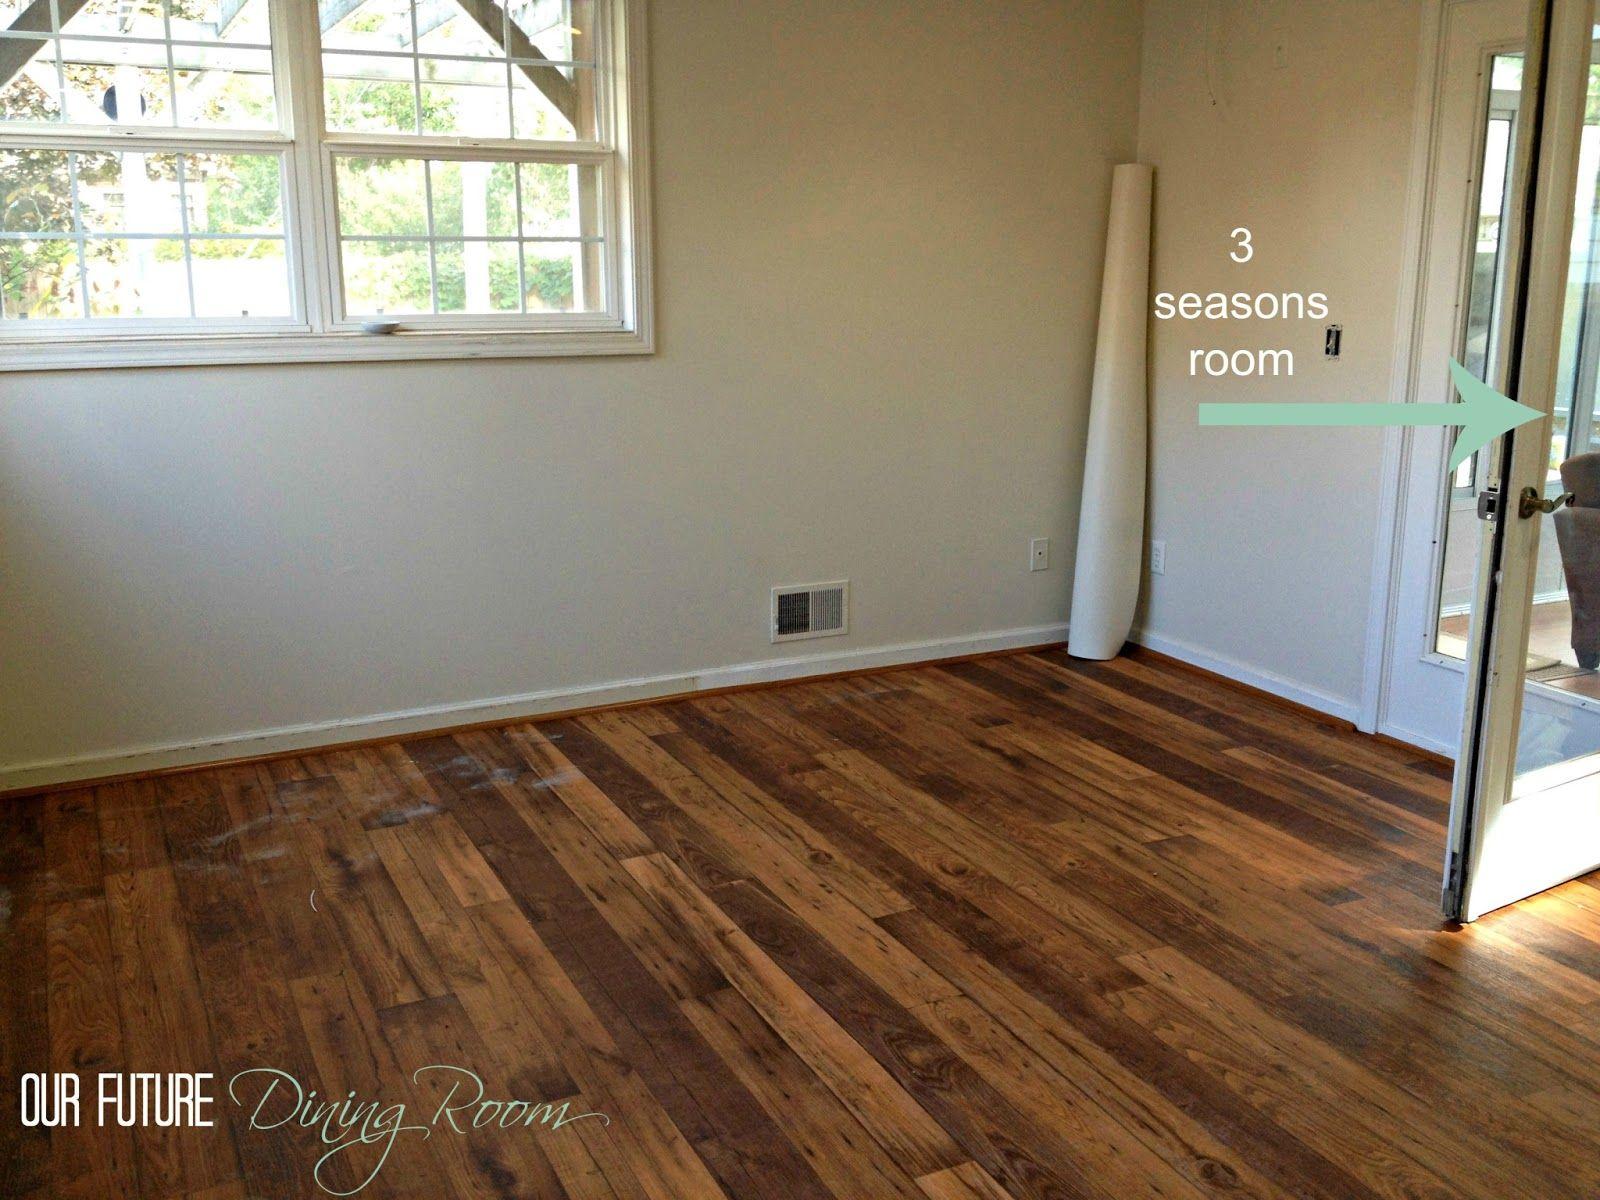 Linoleum Flooring That Looks Like Wood Planks For The Home Bathroom